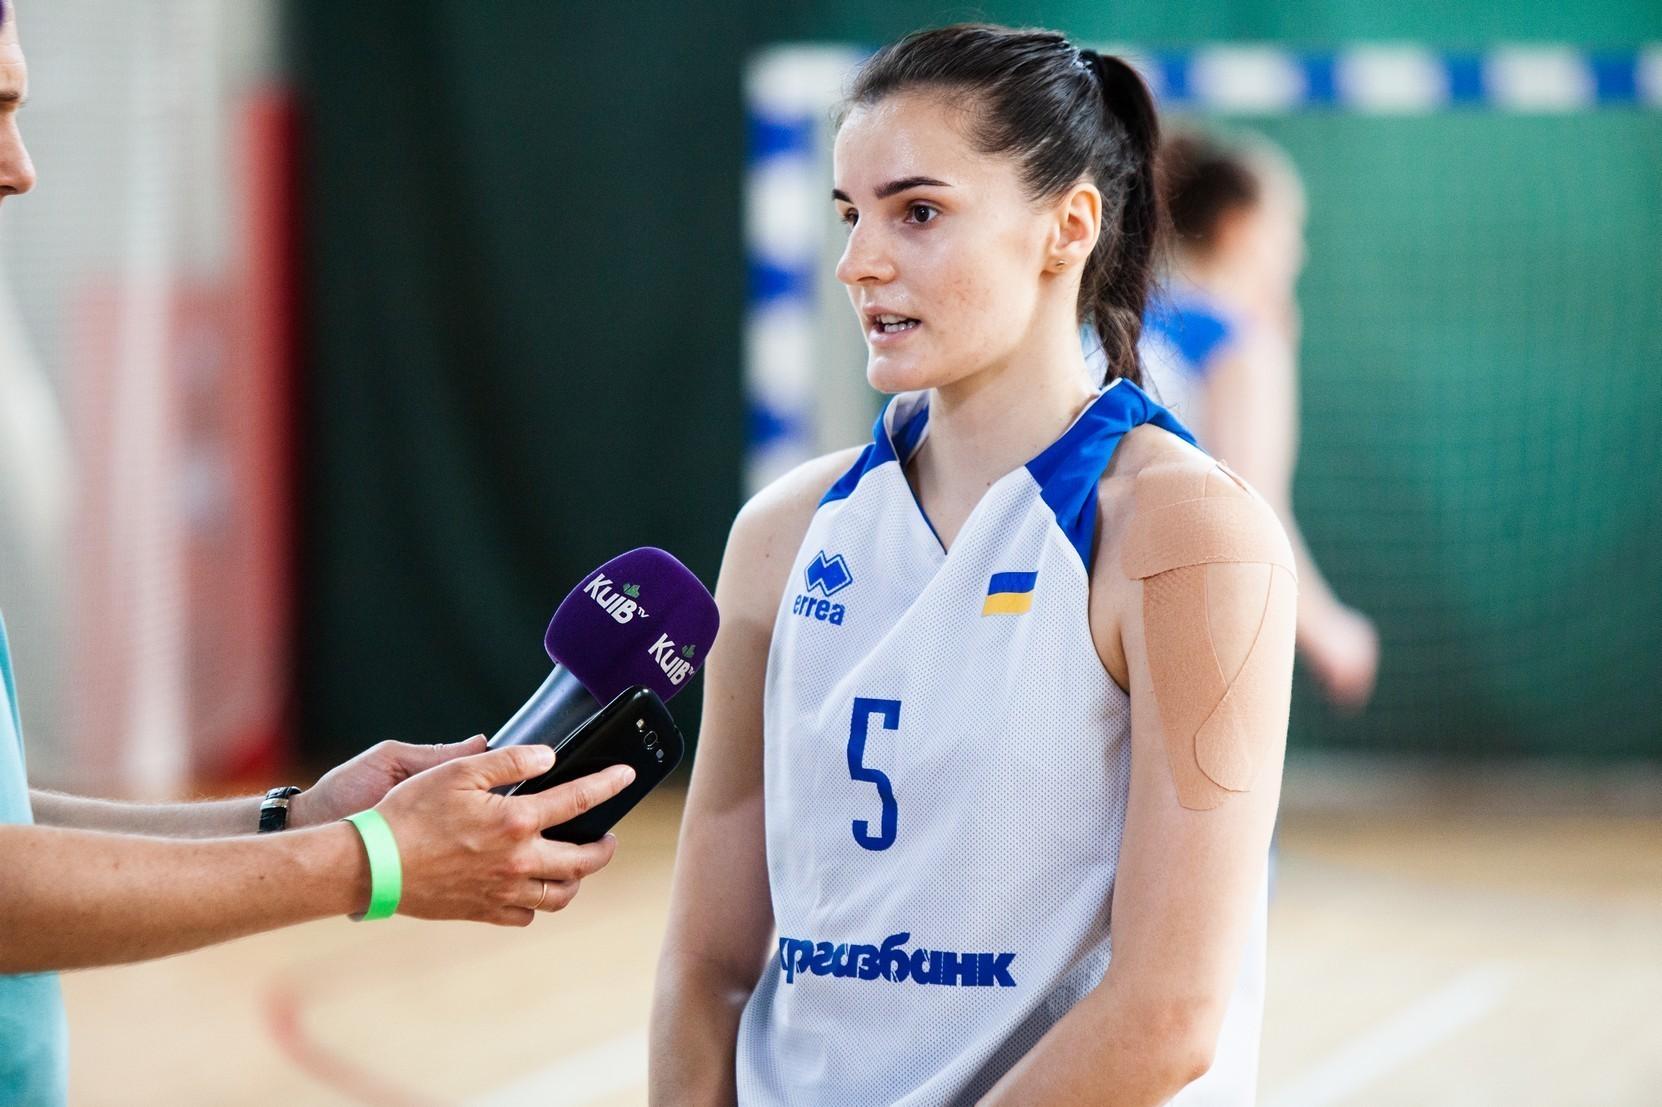 Вікторія Кондусь пропустить пів року через травму коліна